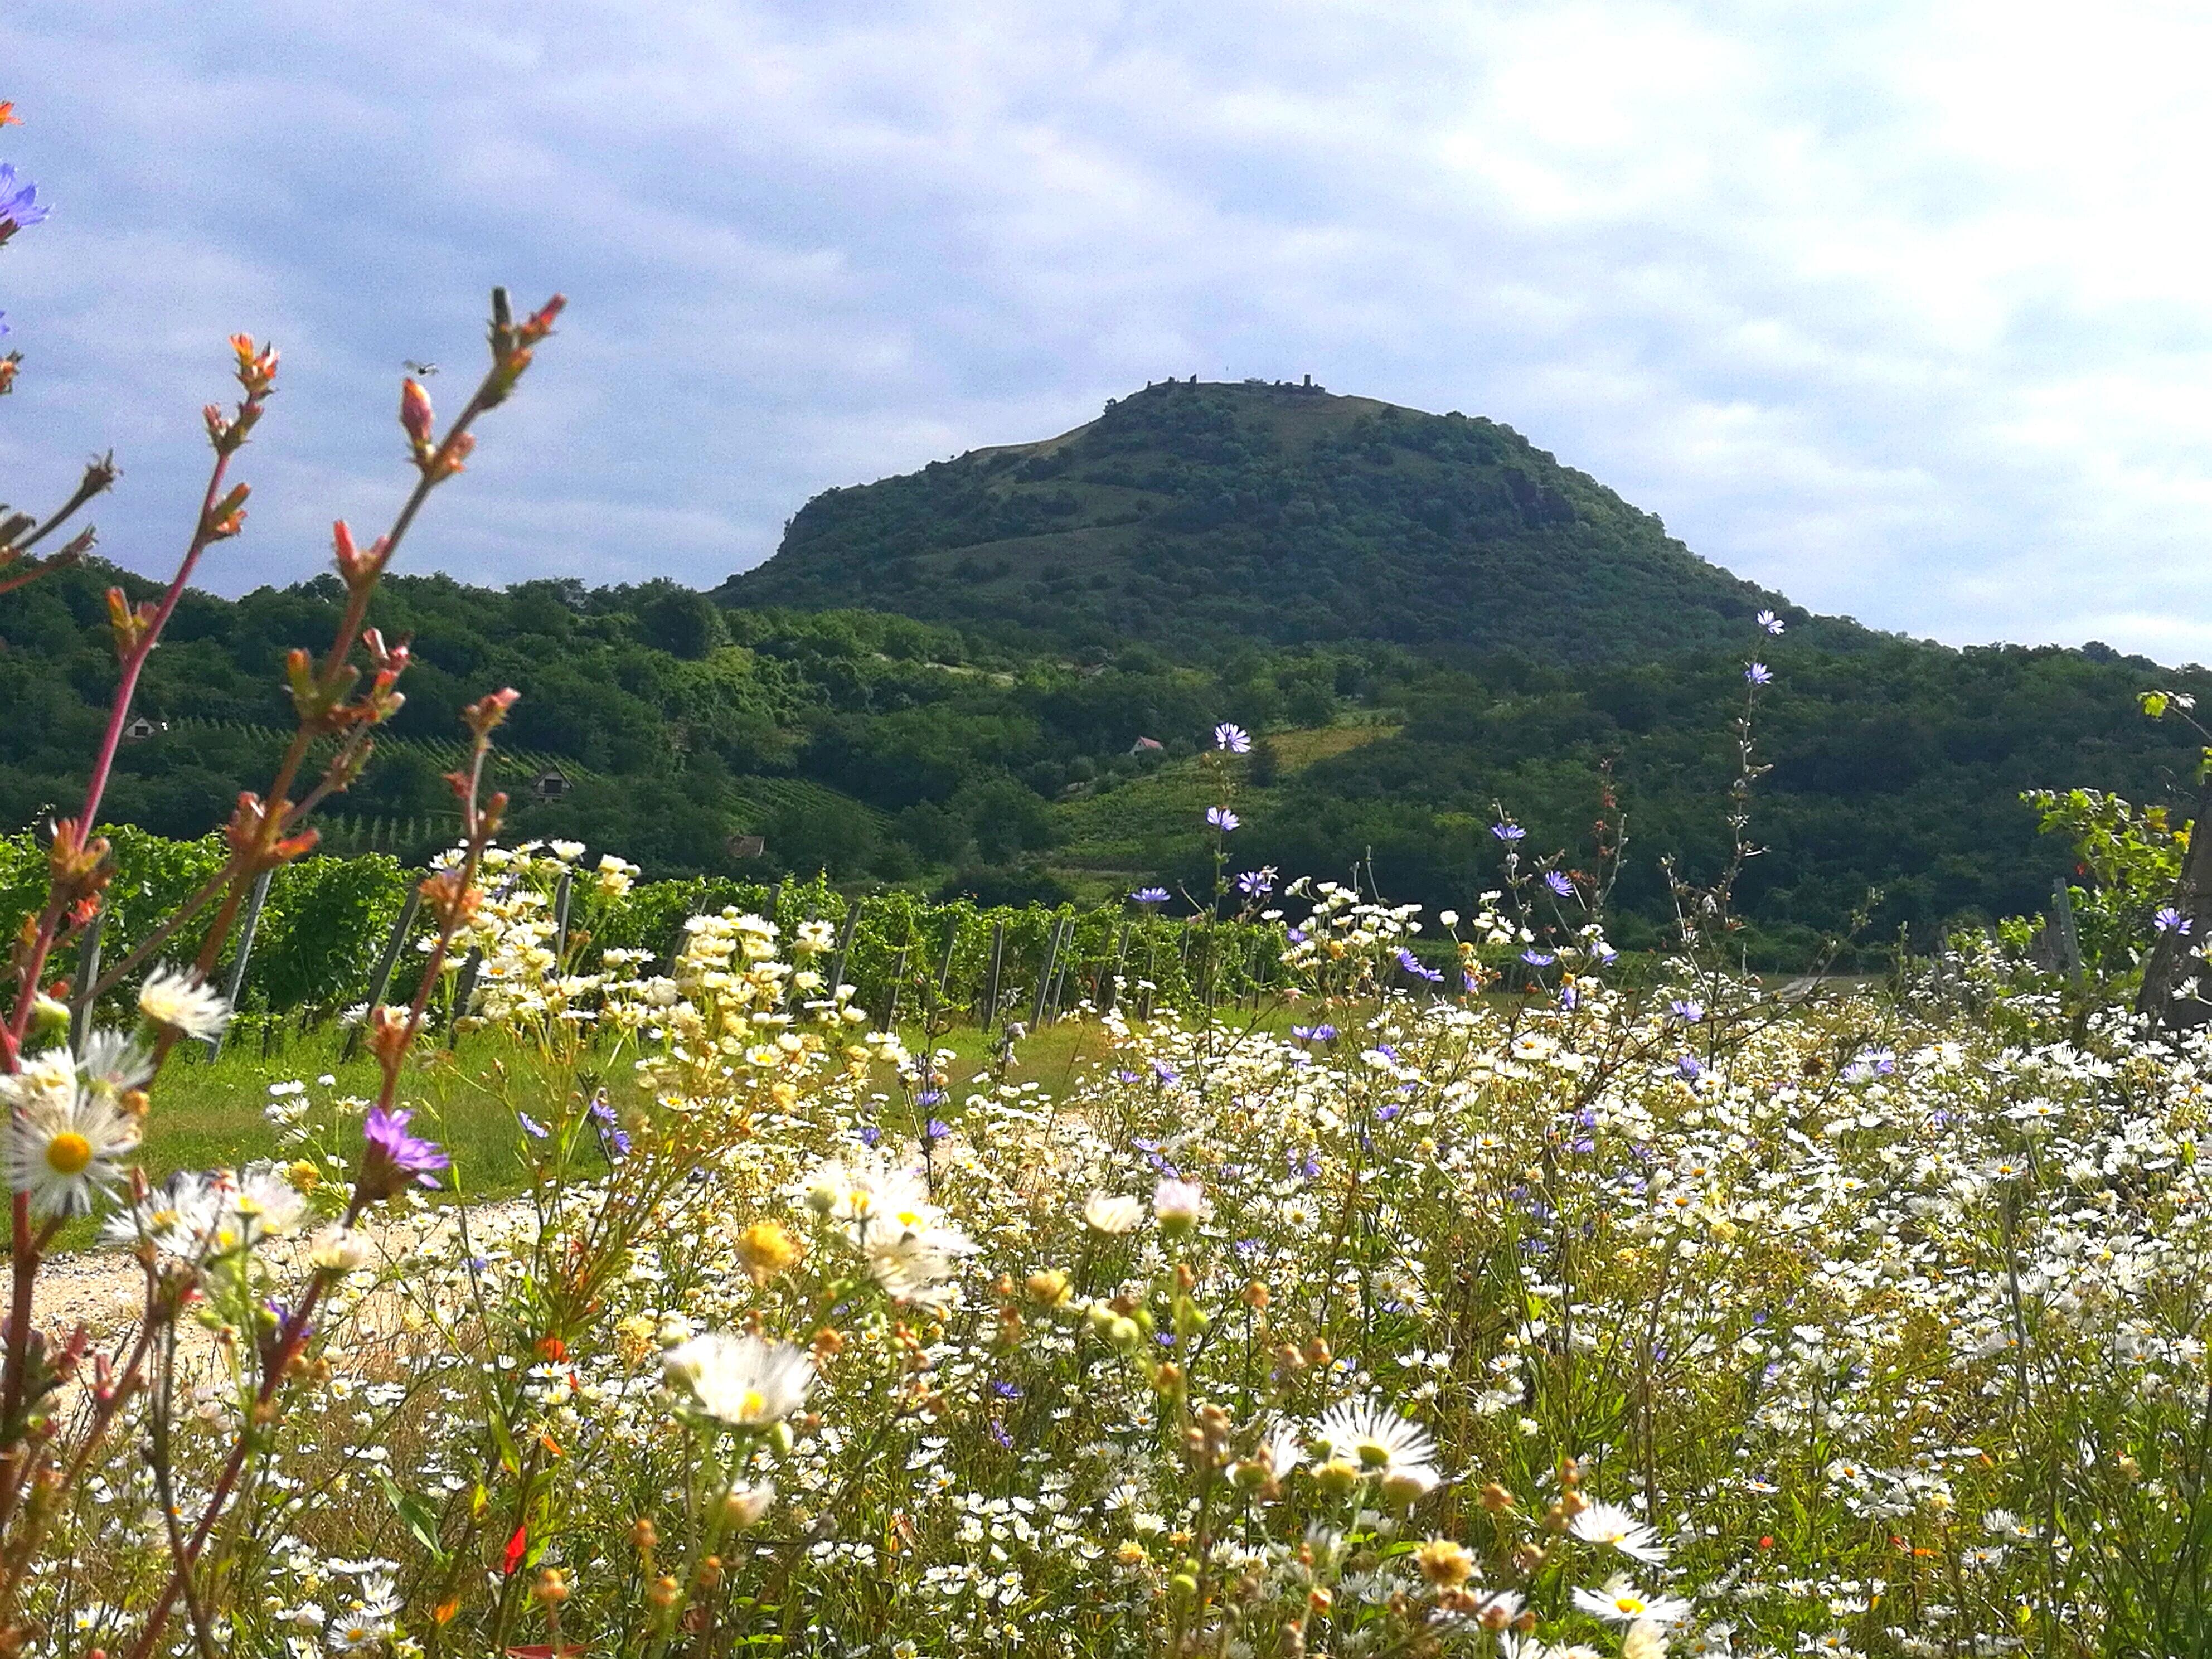 A Csobánc hegy lábánál (Olvasói fotó: Krizsán-Csorba Krisztina)